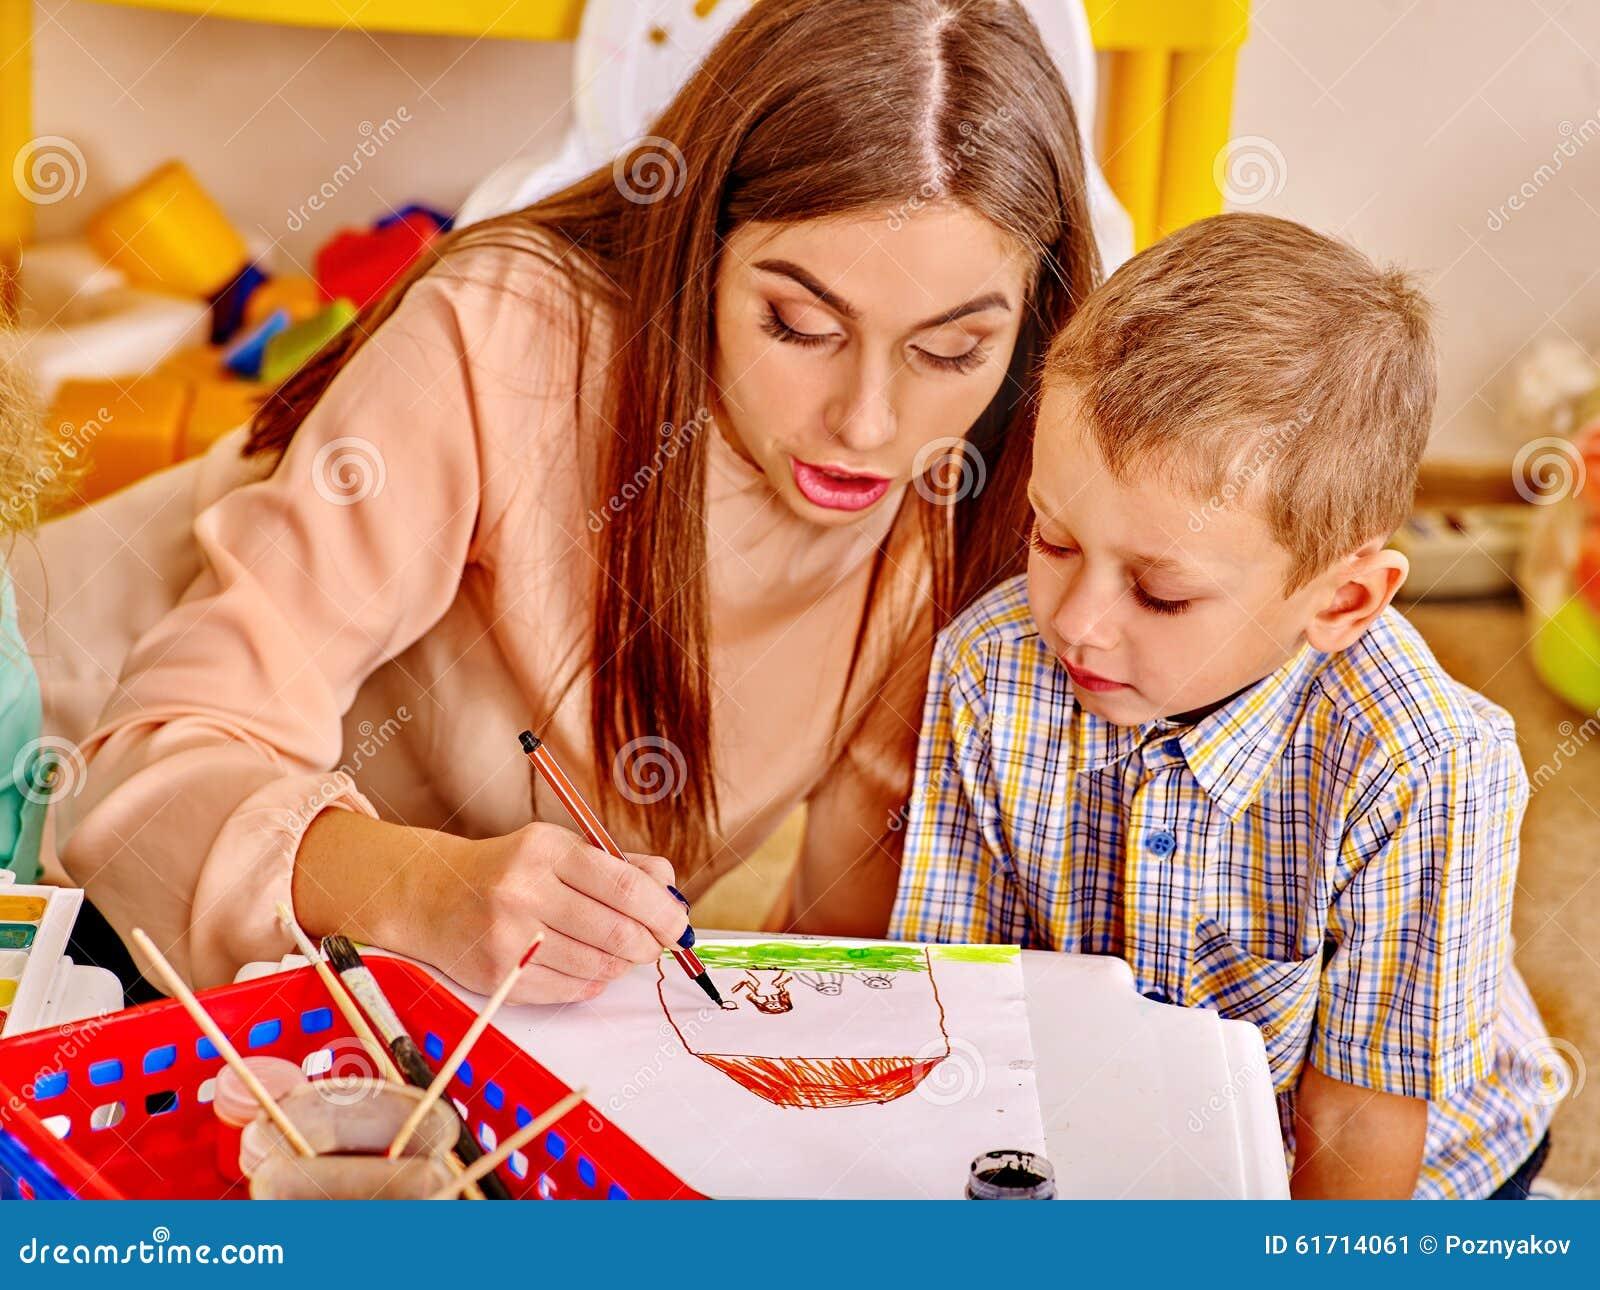 Kvinna med ungar som in rymmer färgat papper och lim